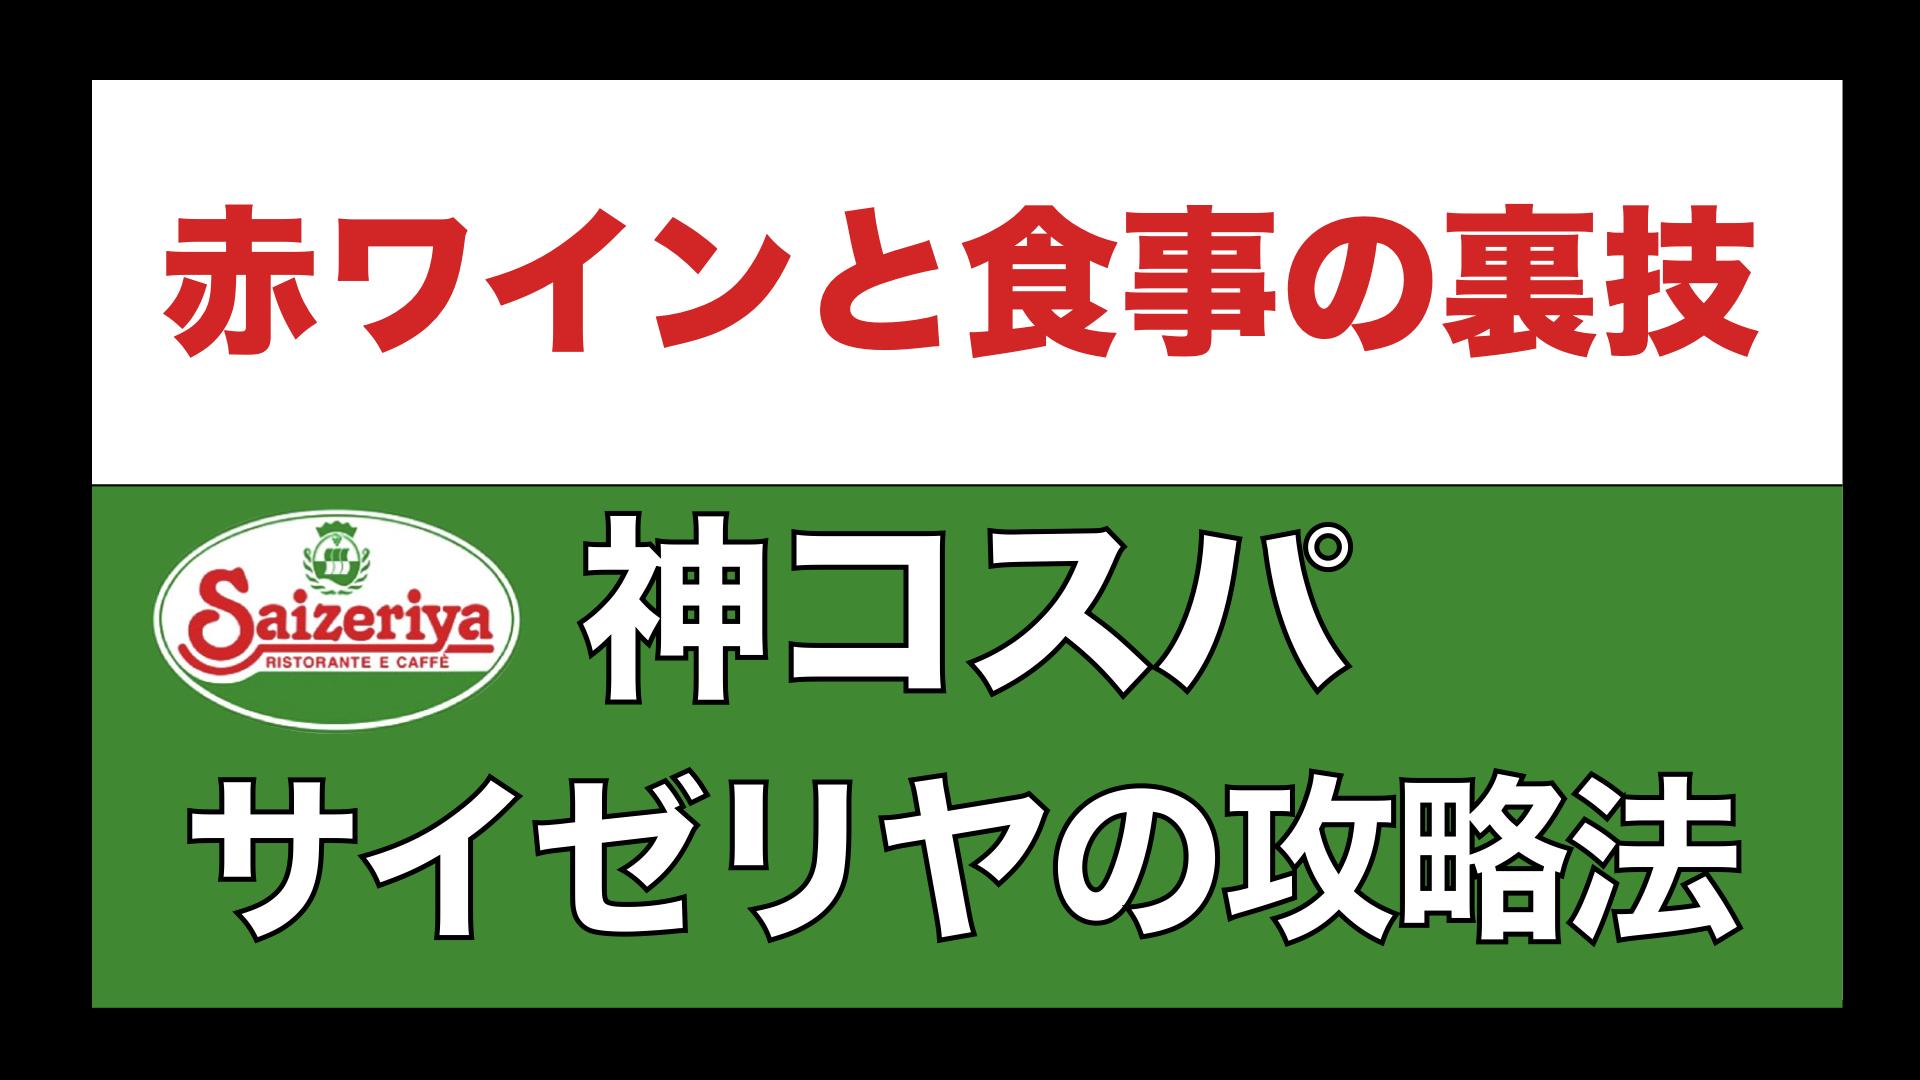 サイゼリヤの新メニュー「こんなに食べて2,800円はヤバイ!!!」